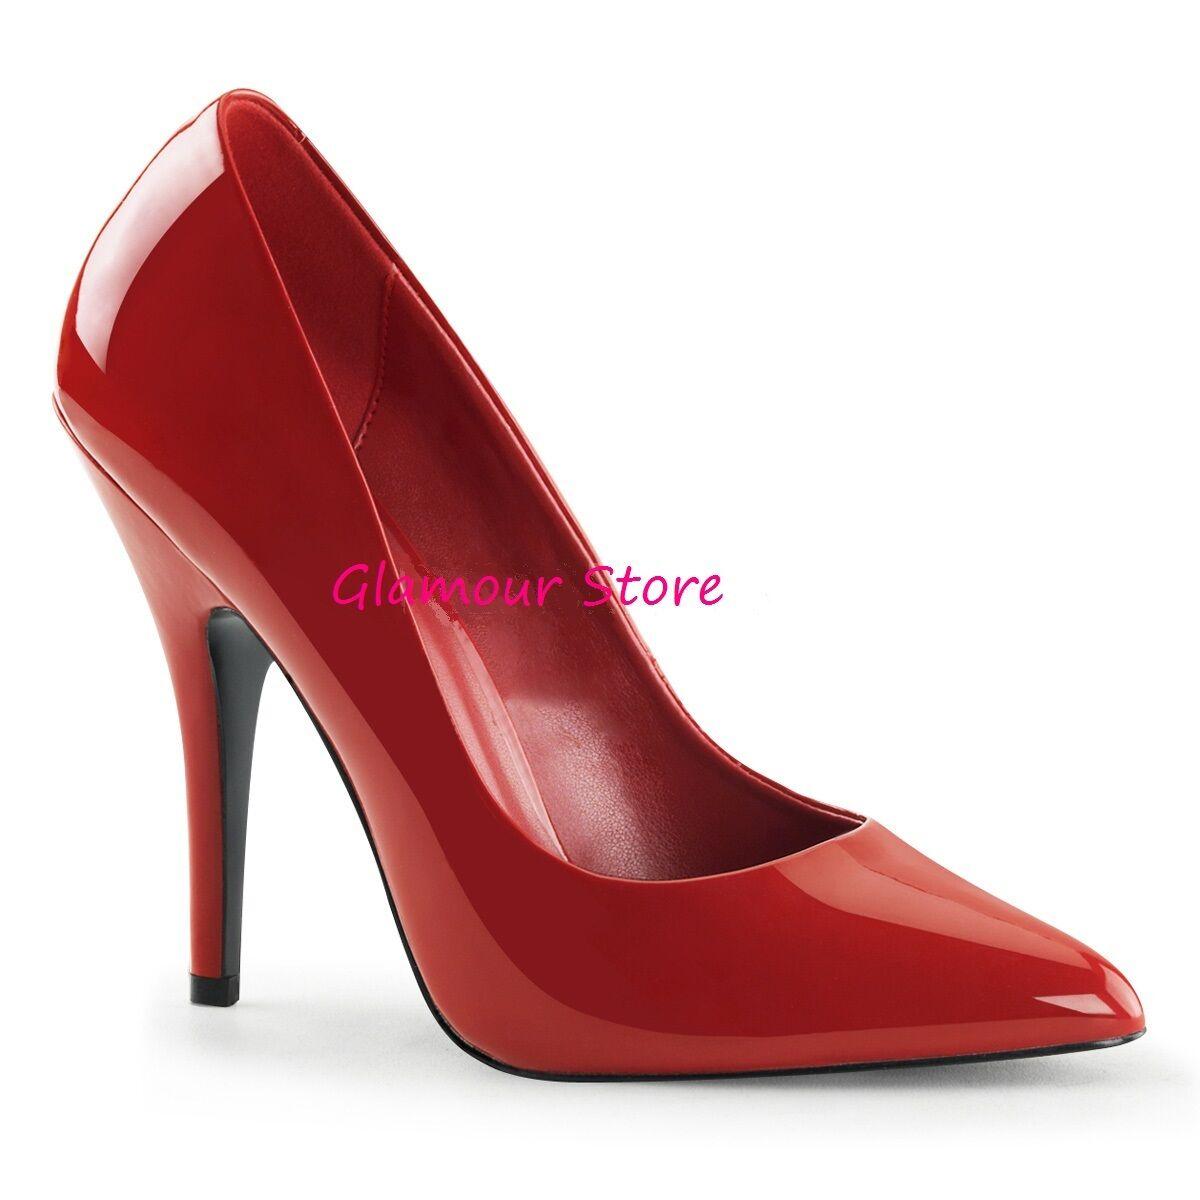 Sexy DECOLTE' tacco 13 dal 35 scarpe al 46 ROSSO LUCIDO scarpe 35 Glamour fashion 1b6d4d